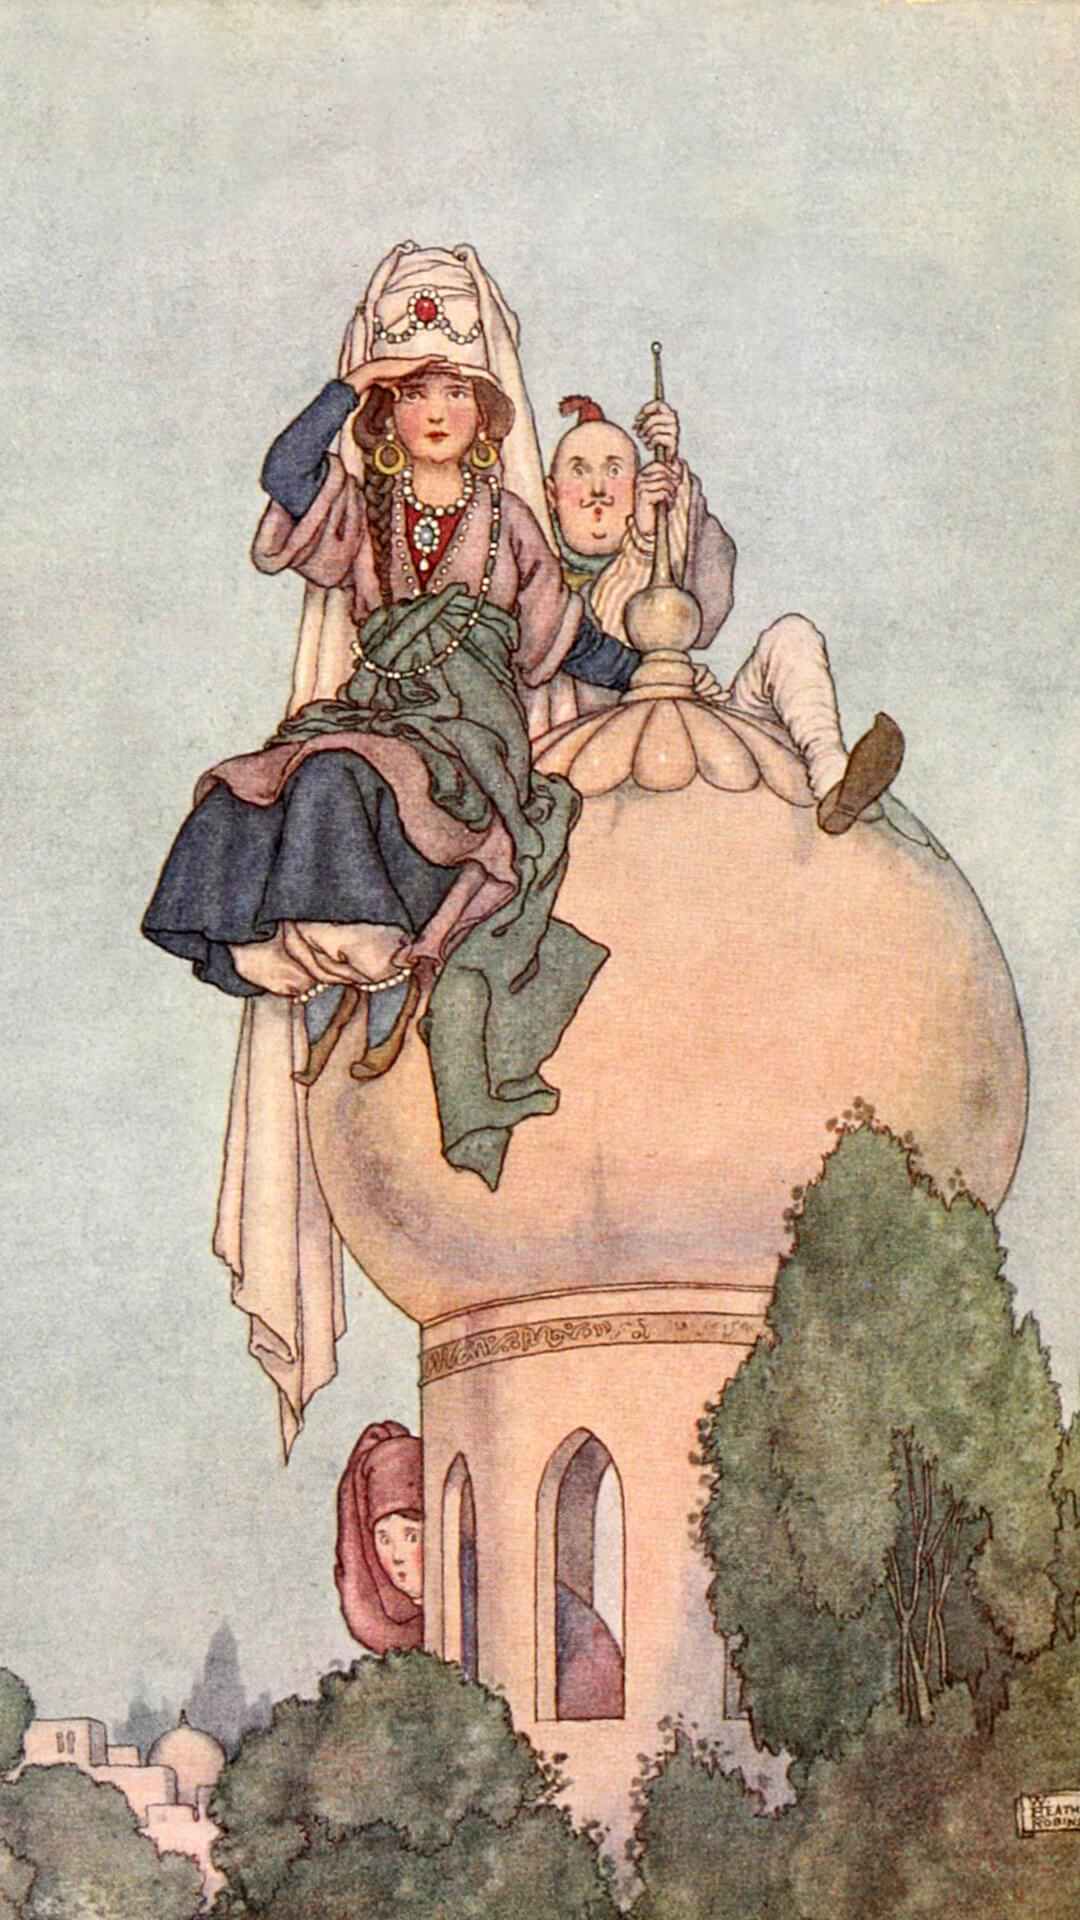 William Heath Robinson-Hans Andersen's fairy tales_1080x1920